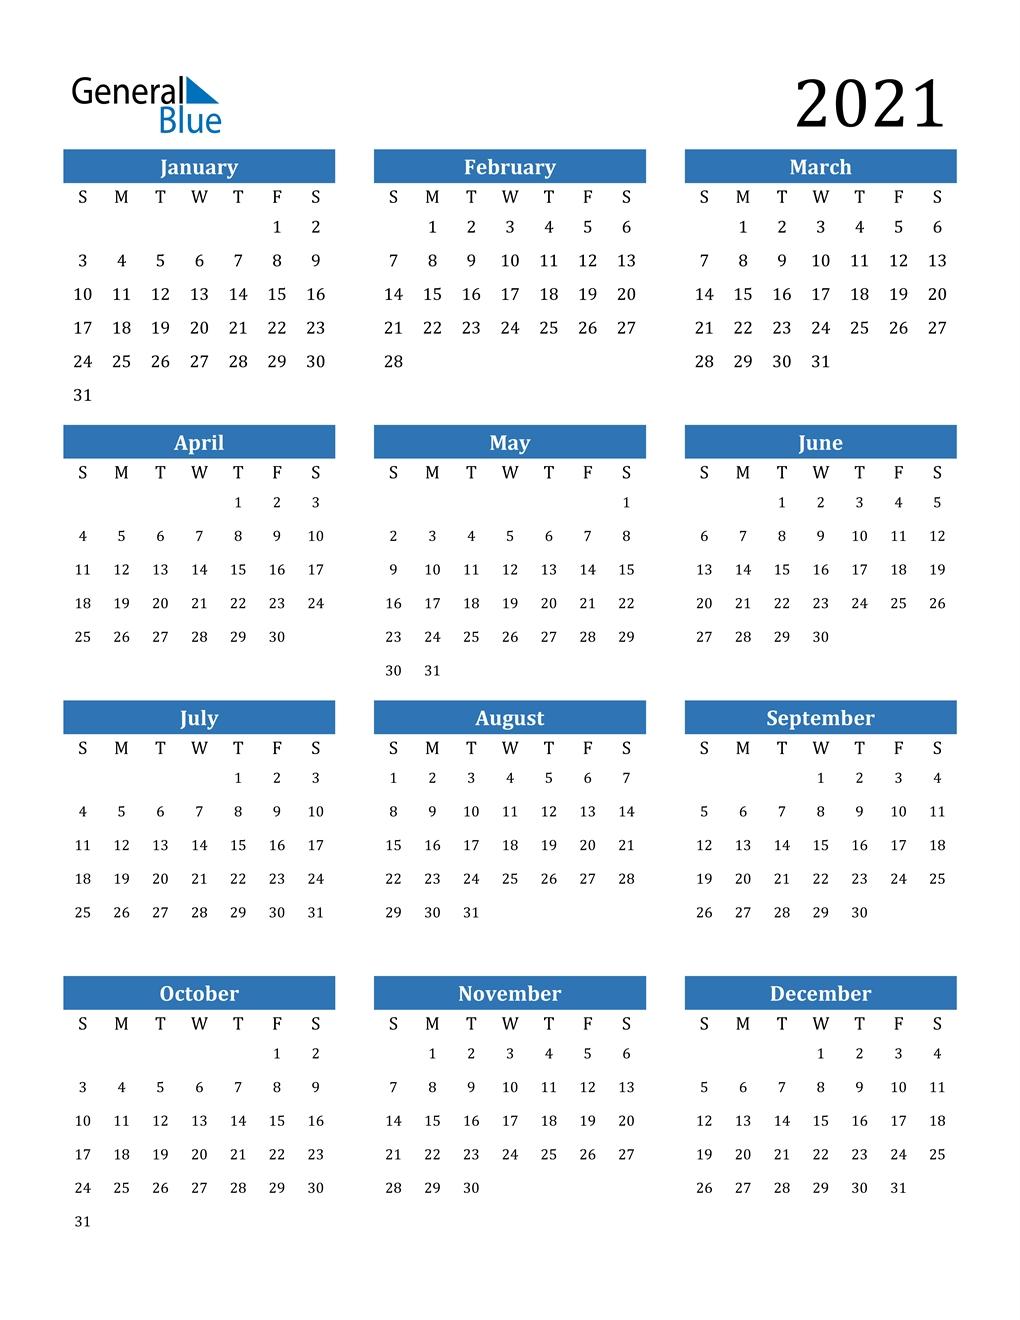 Pick 2021 Annual Calendar